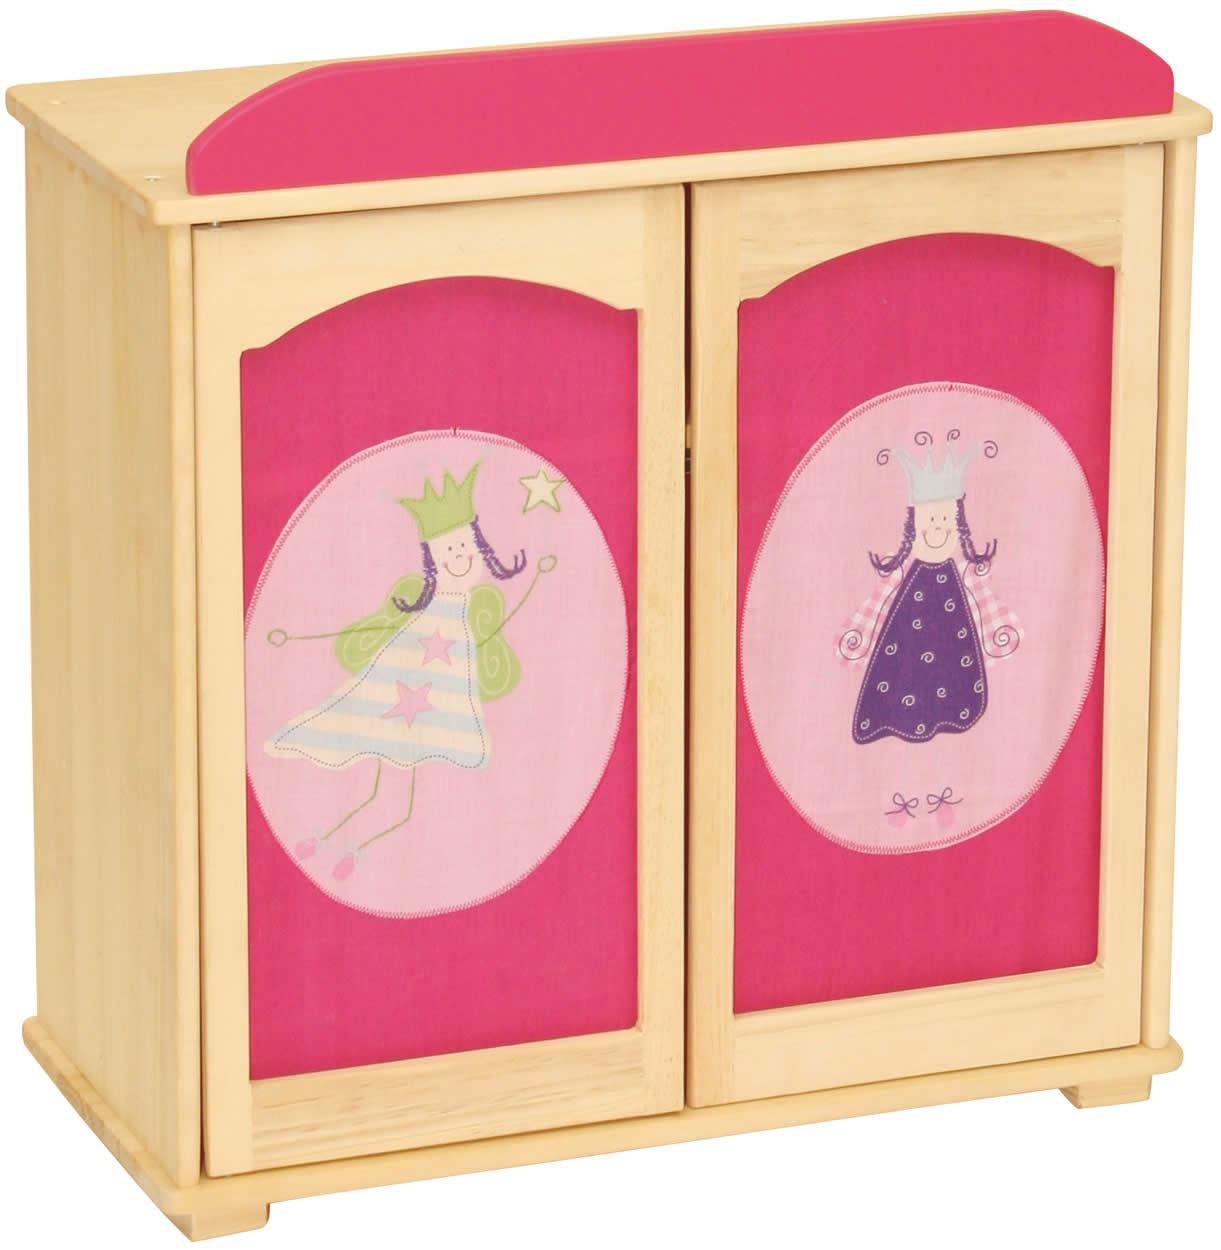 roba puppenkleiderschrank happy fee kleiderschrank puppen schrank holz rfee ebay. Black Bedroom Furniture Sets. Home Design Ideas